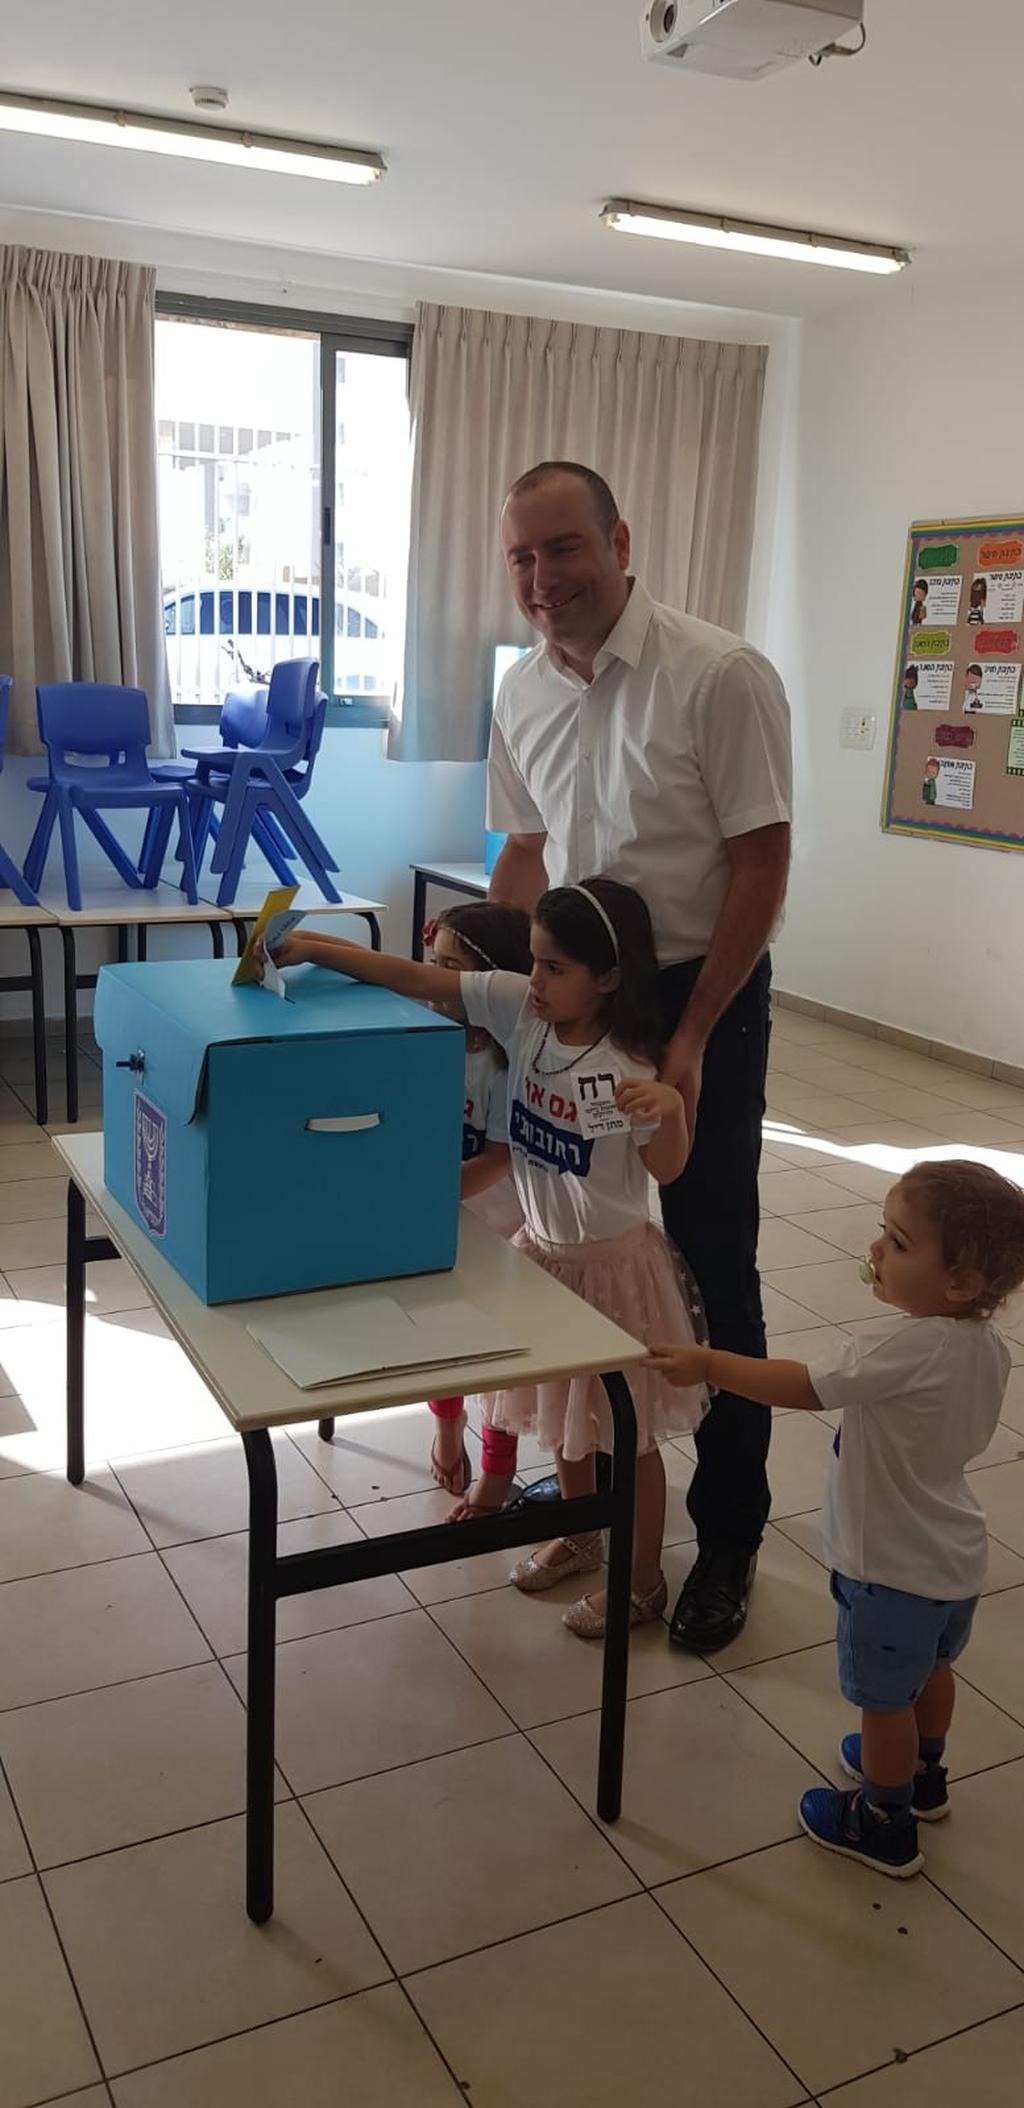 מתן דיל ברגע ההצבעה | צילום: אביגיל קדם